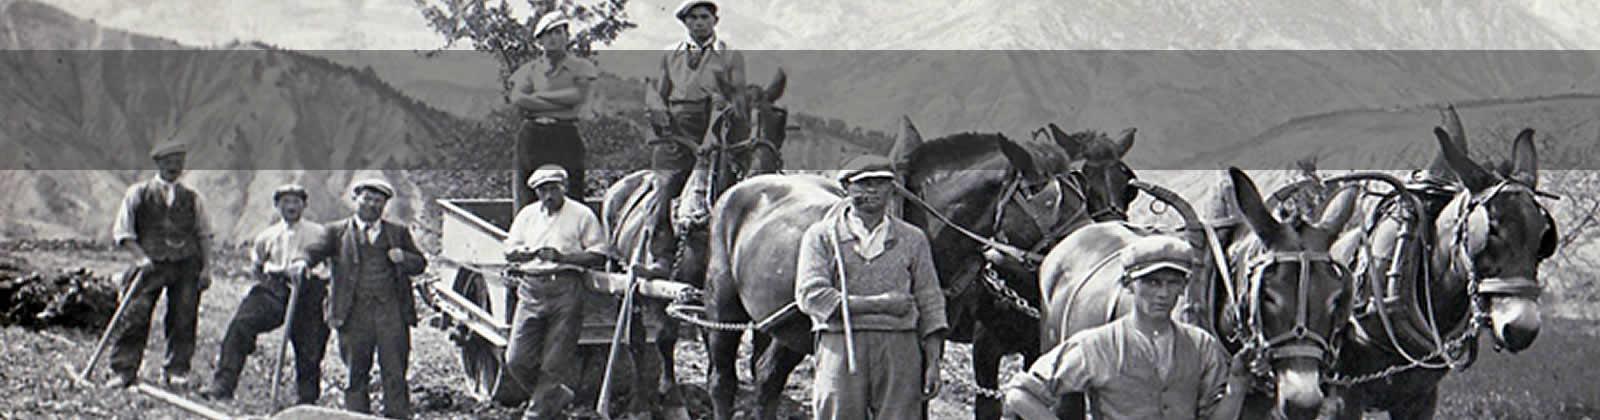 Aubery Travaux Publics - Historique